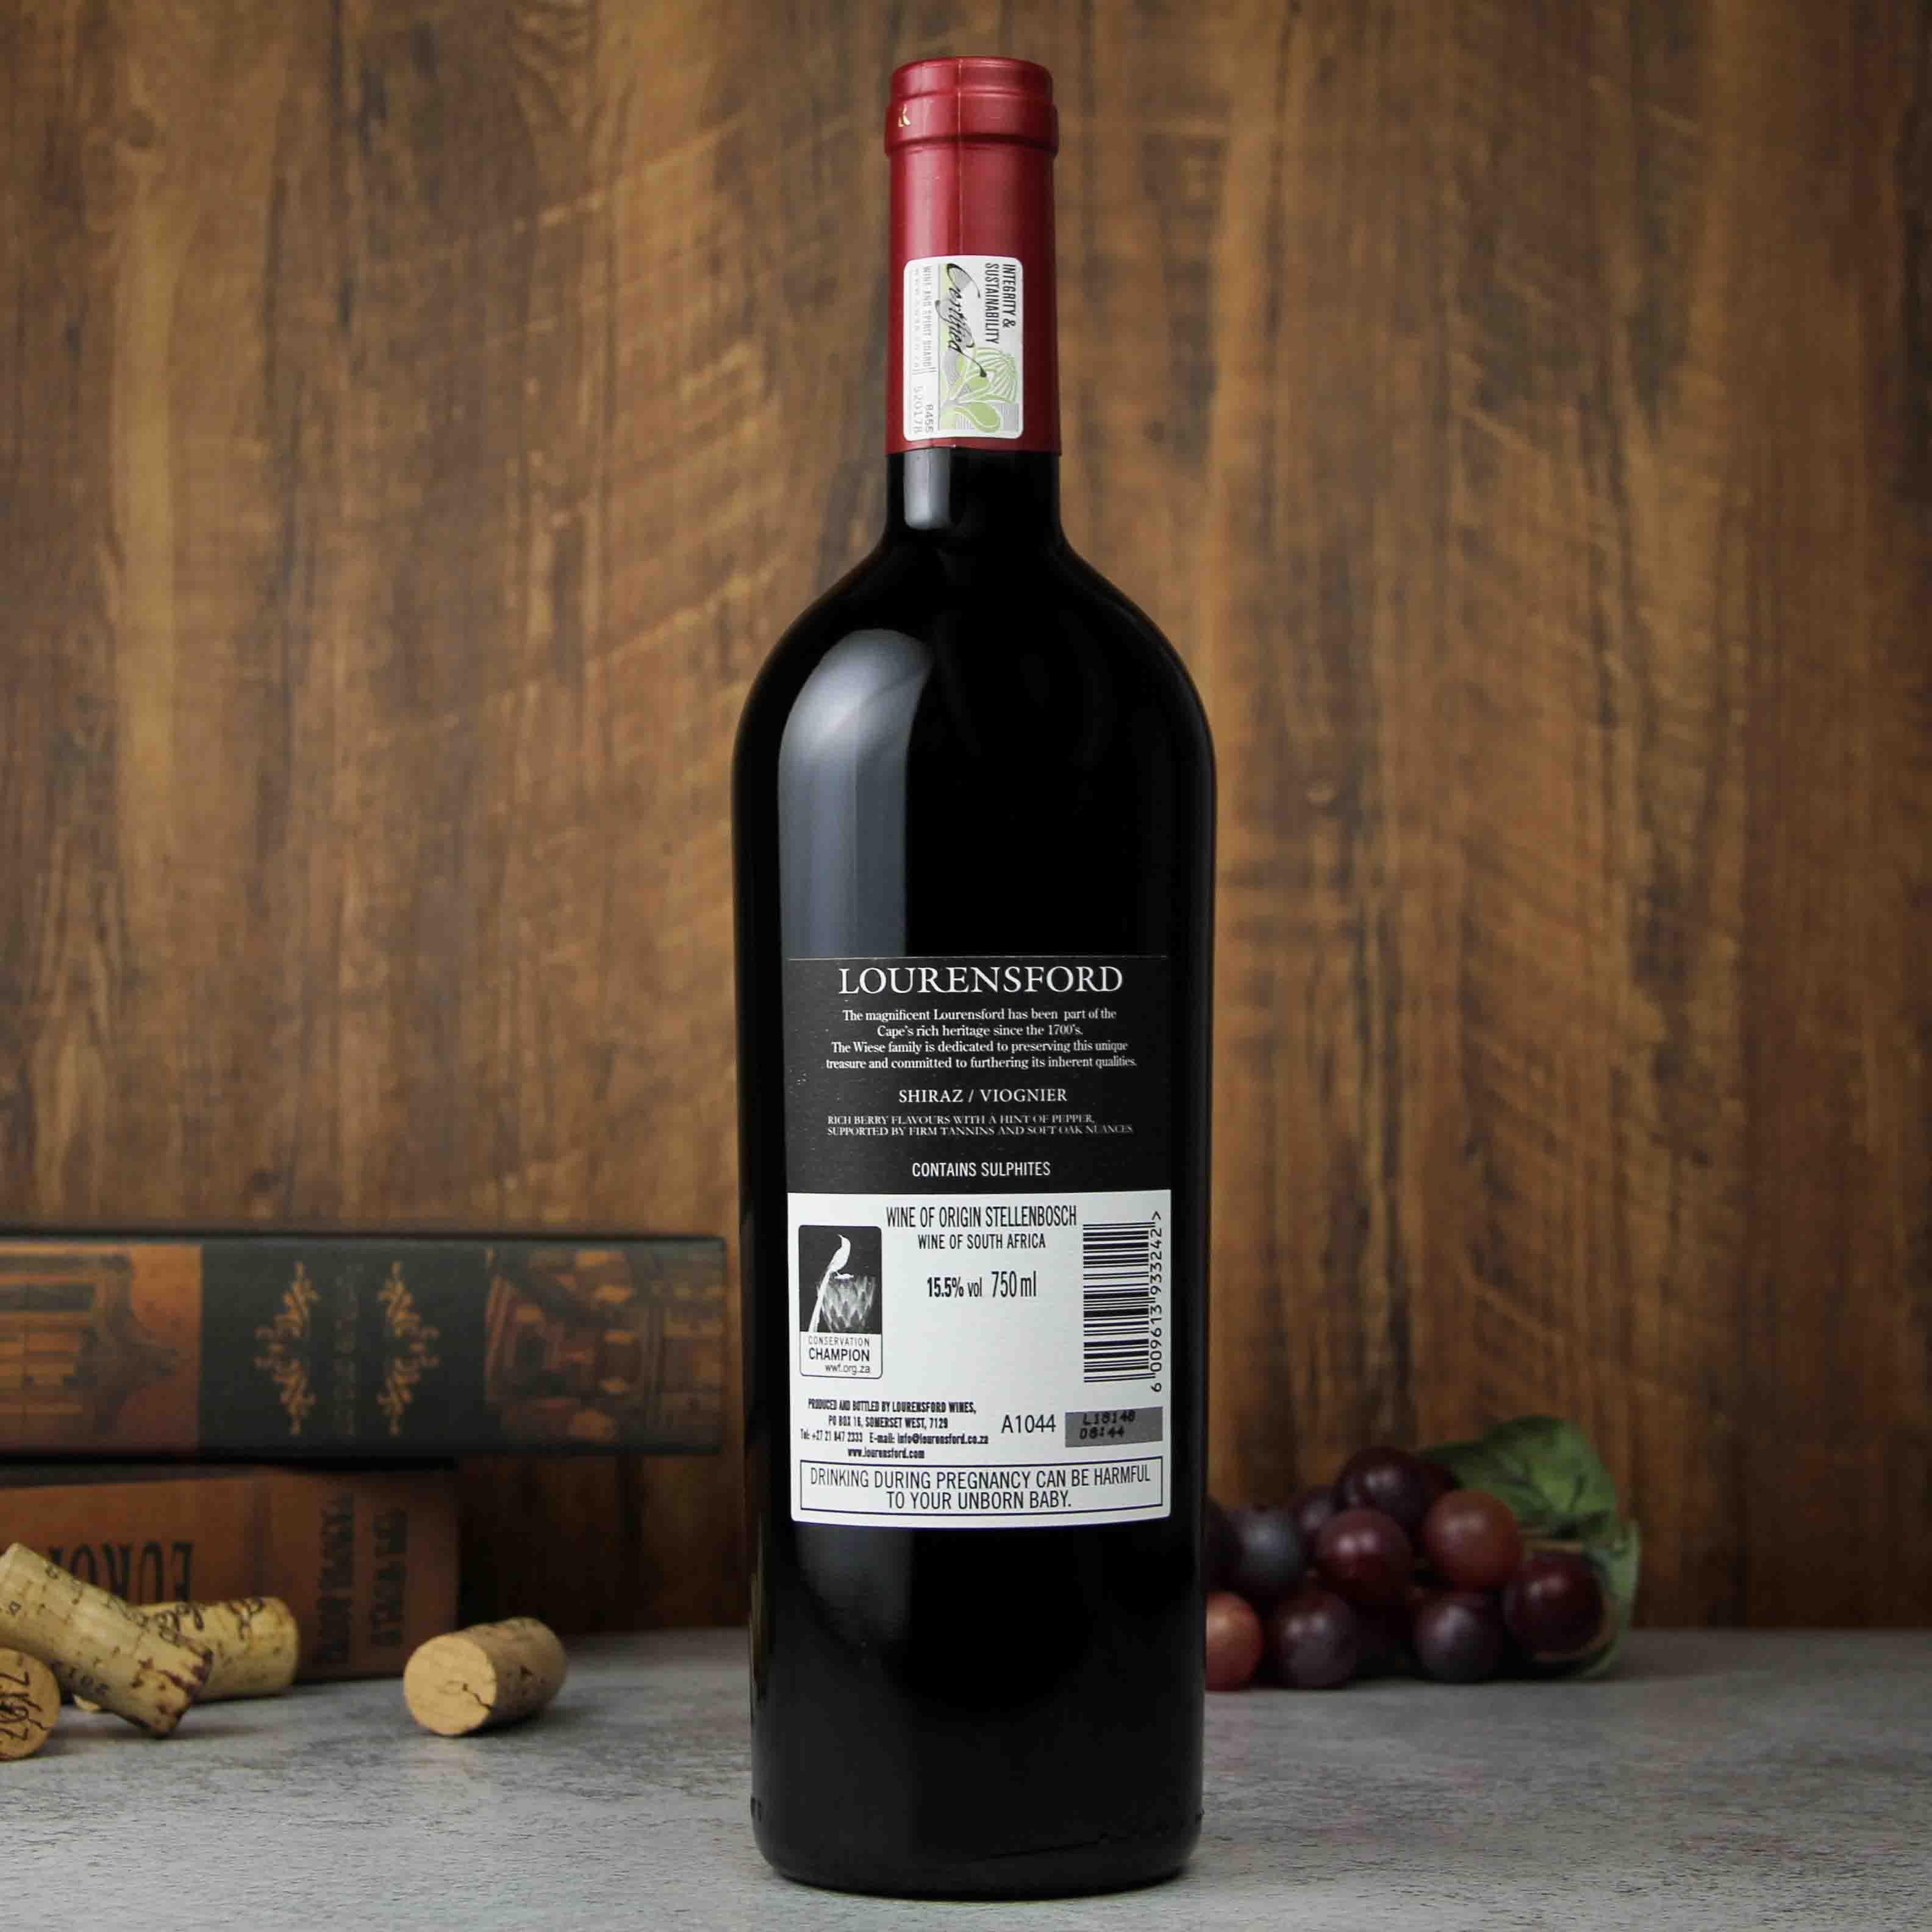 南非斯泰伦博斯劳伦斯堡西拉子维奥涅尔红葡萄酒红酒